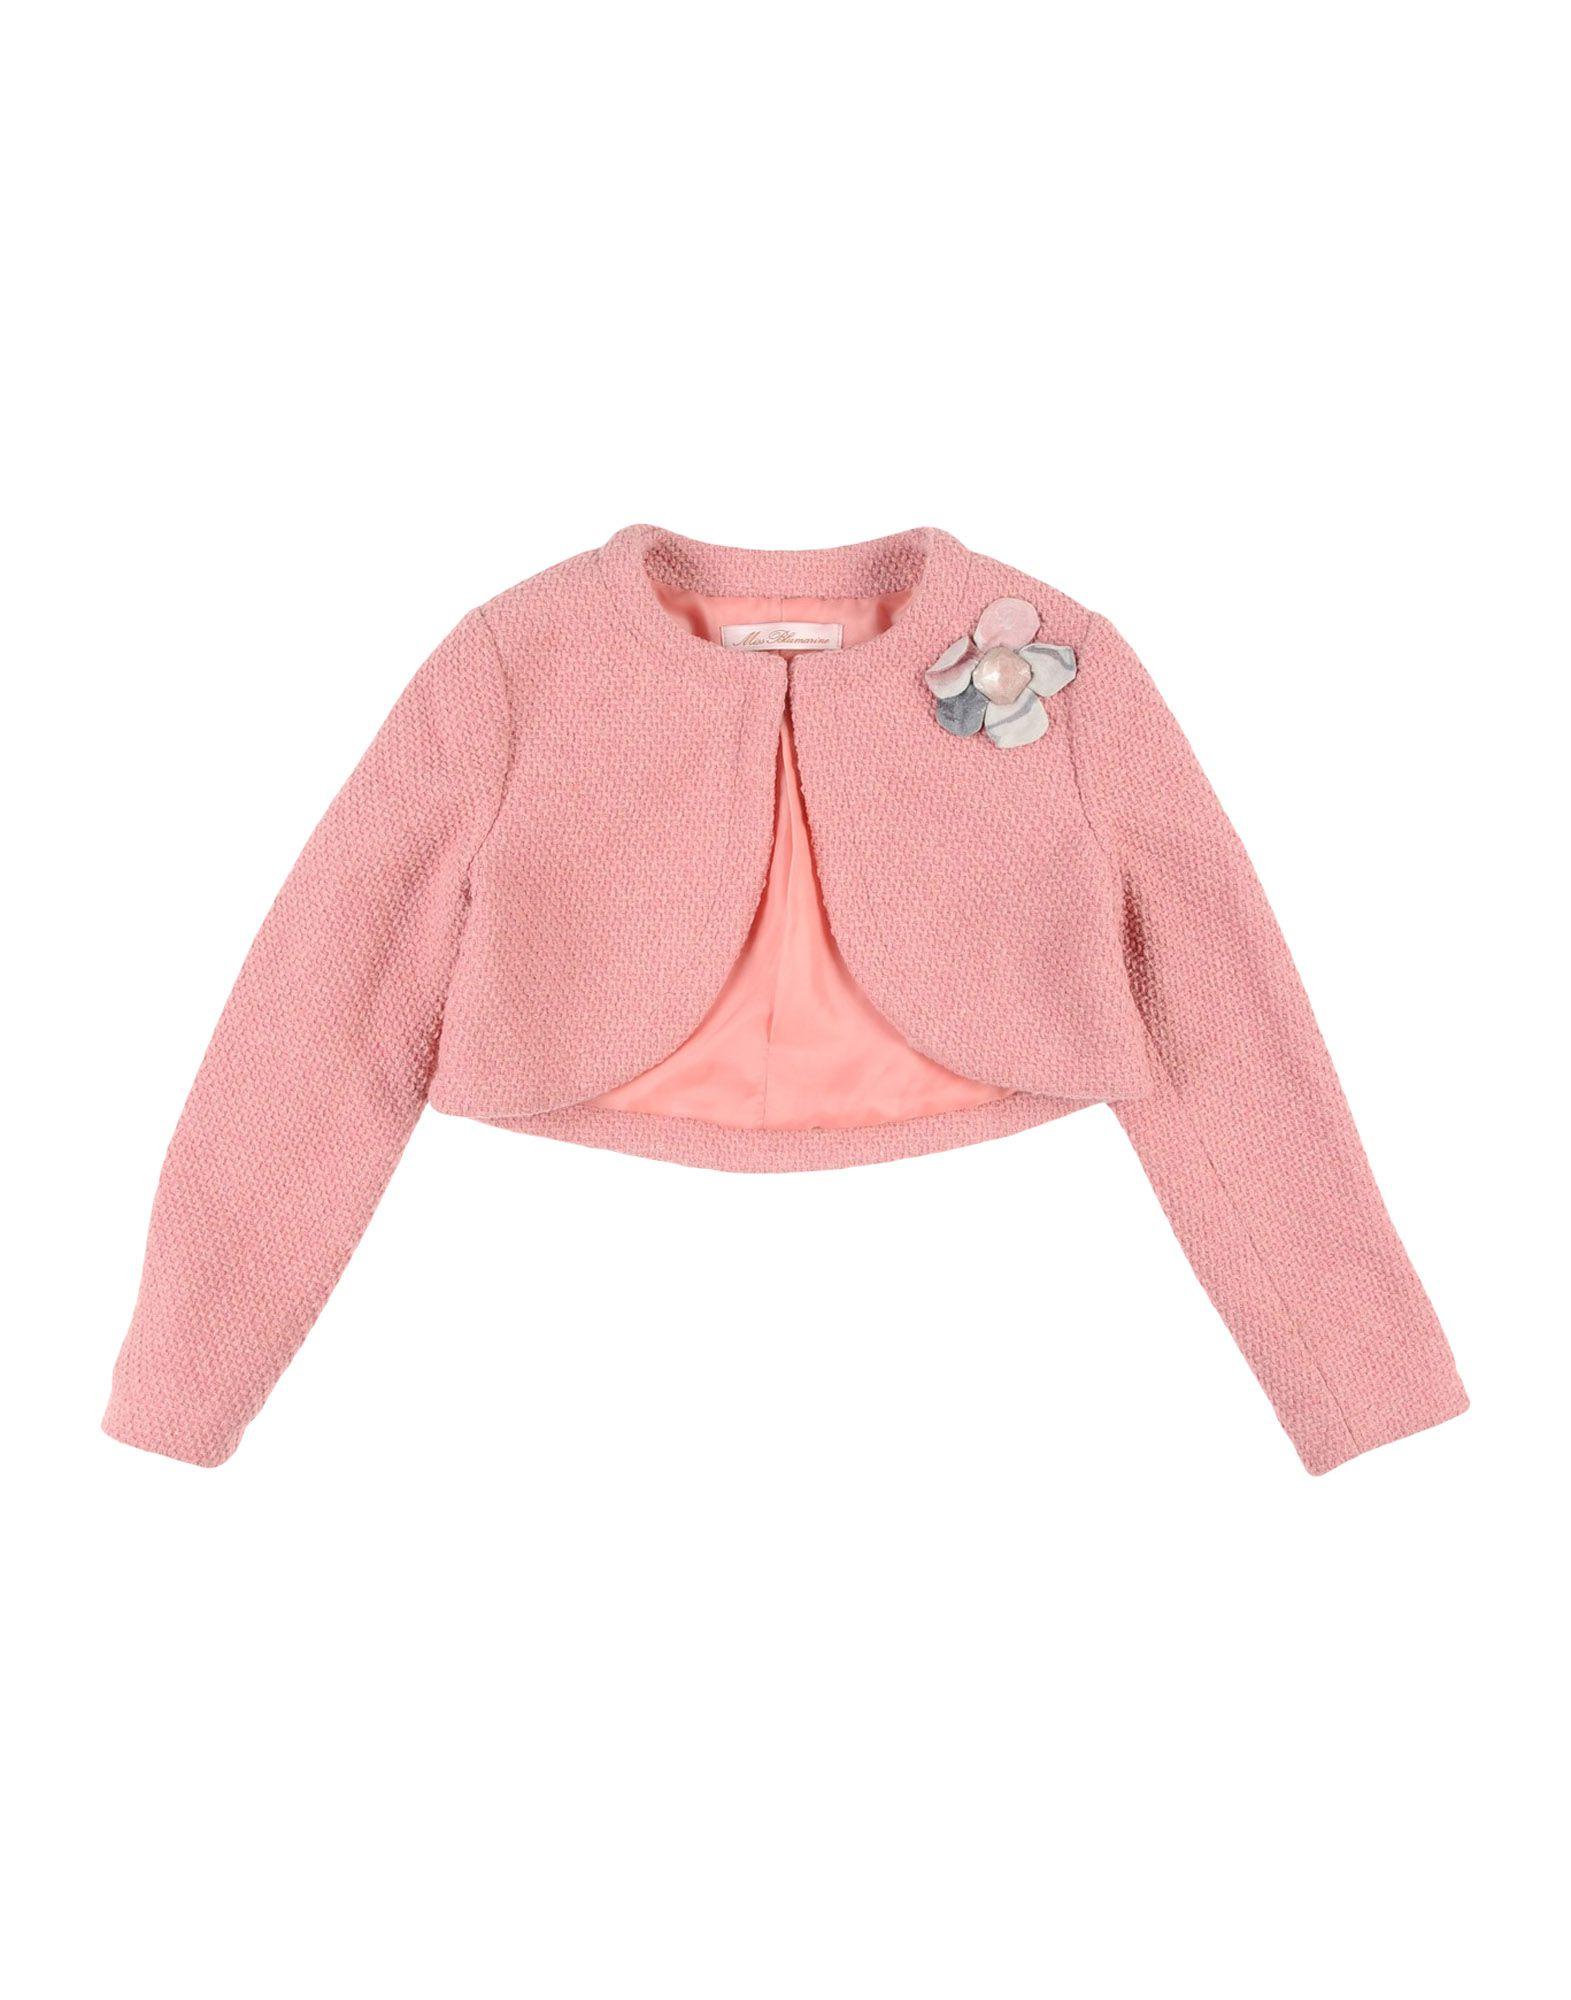 MISS BLUMARINE Blazer in Pastel Pink